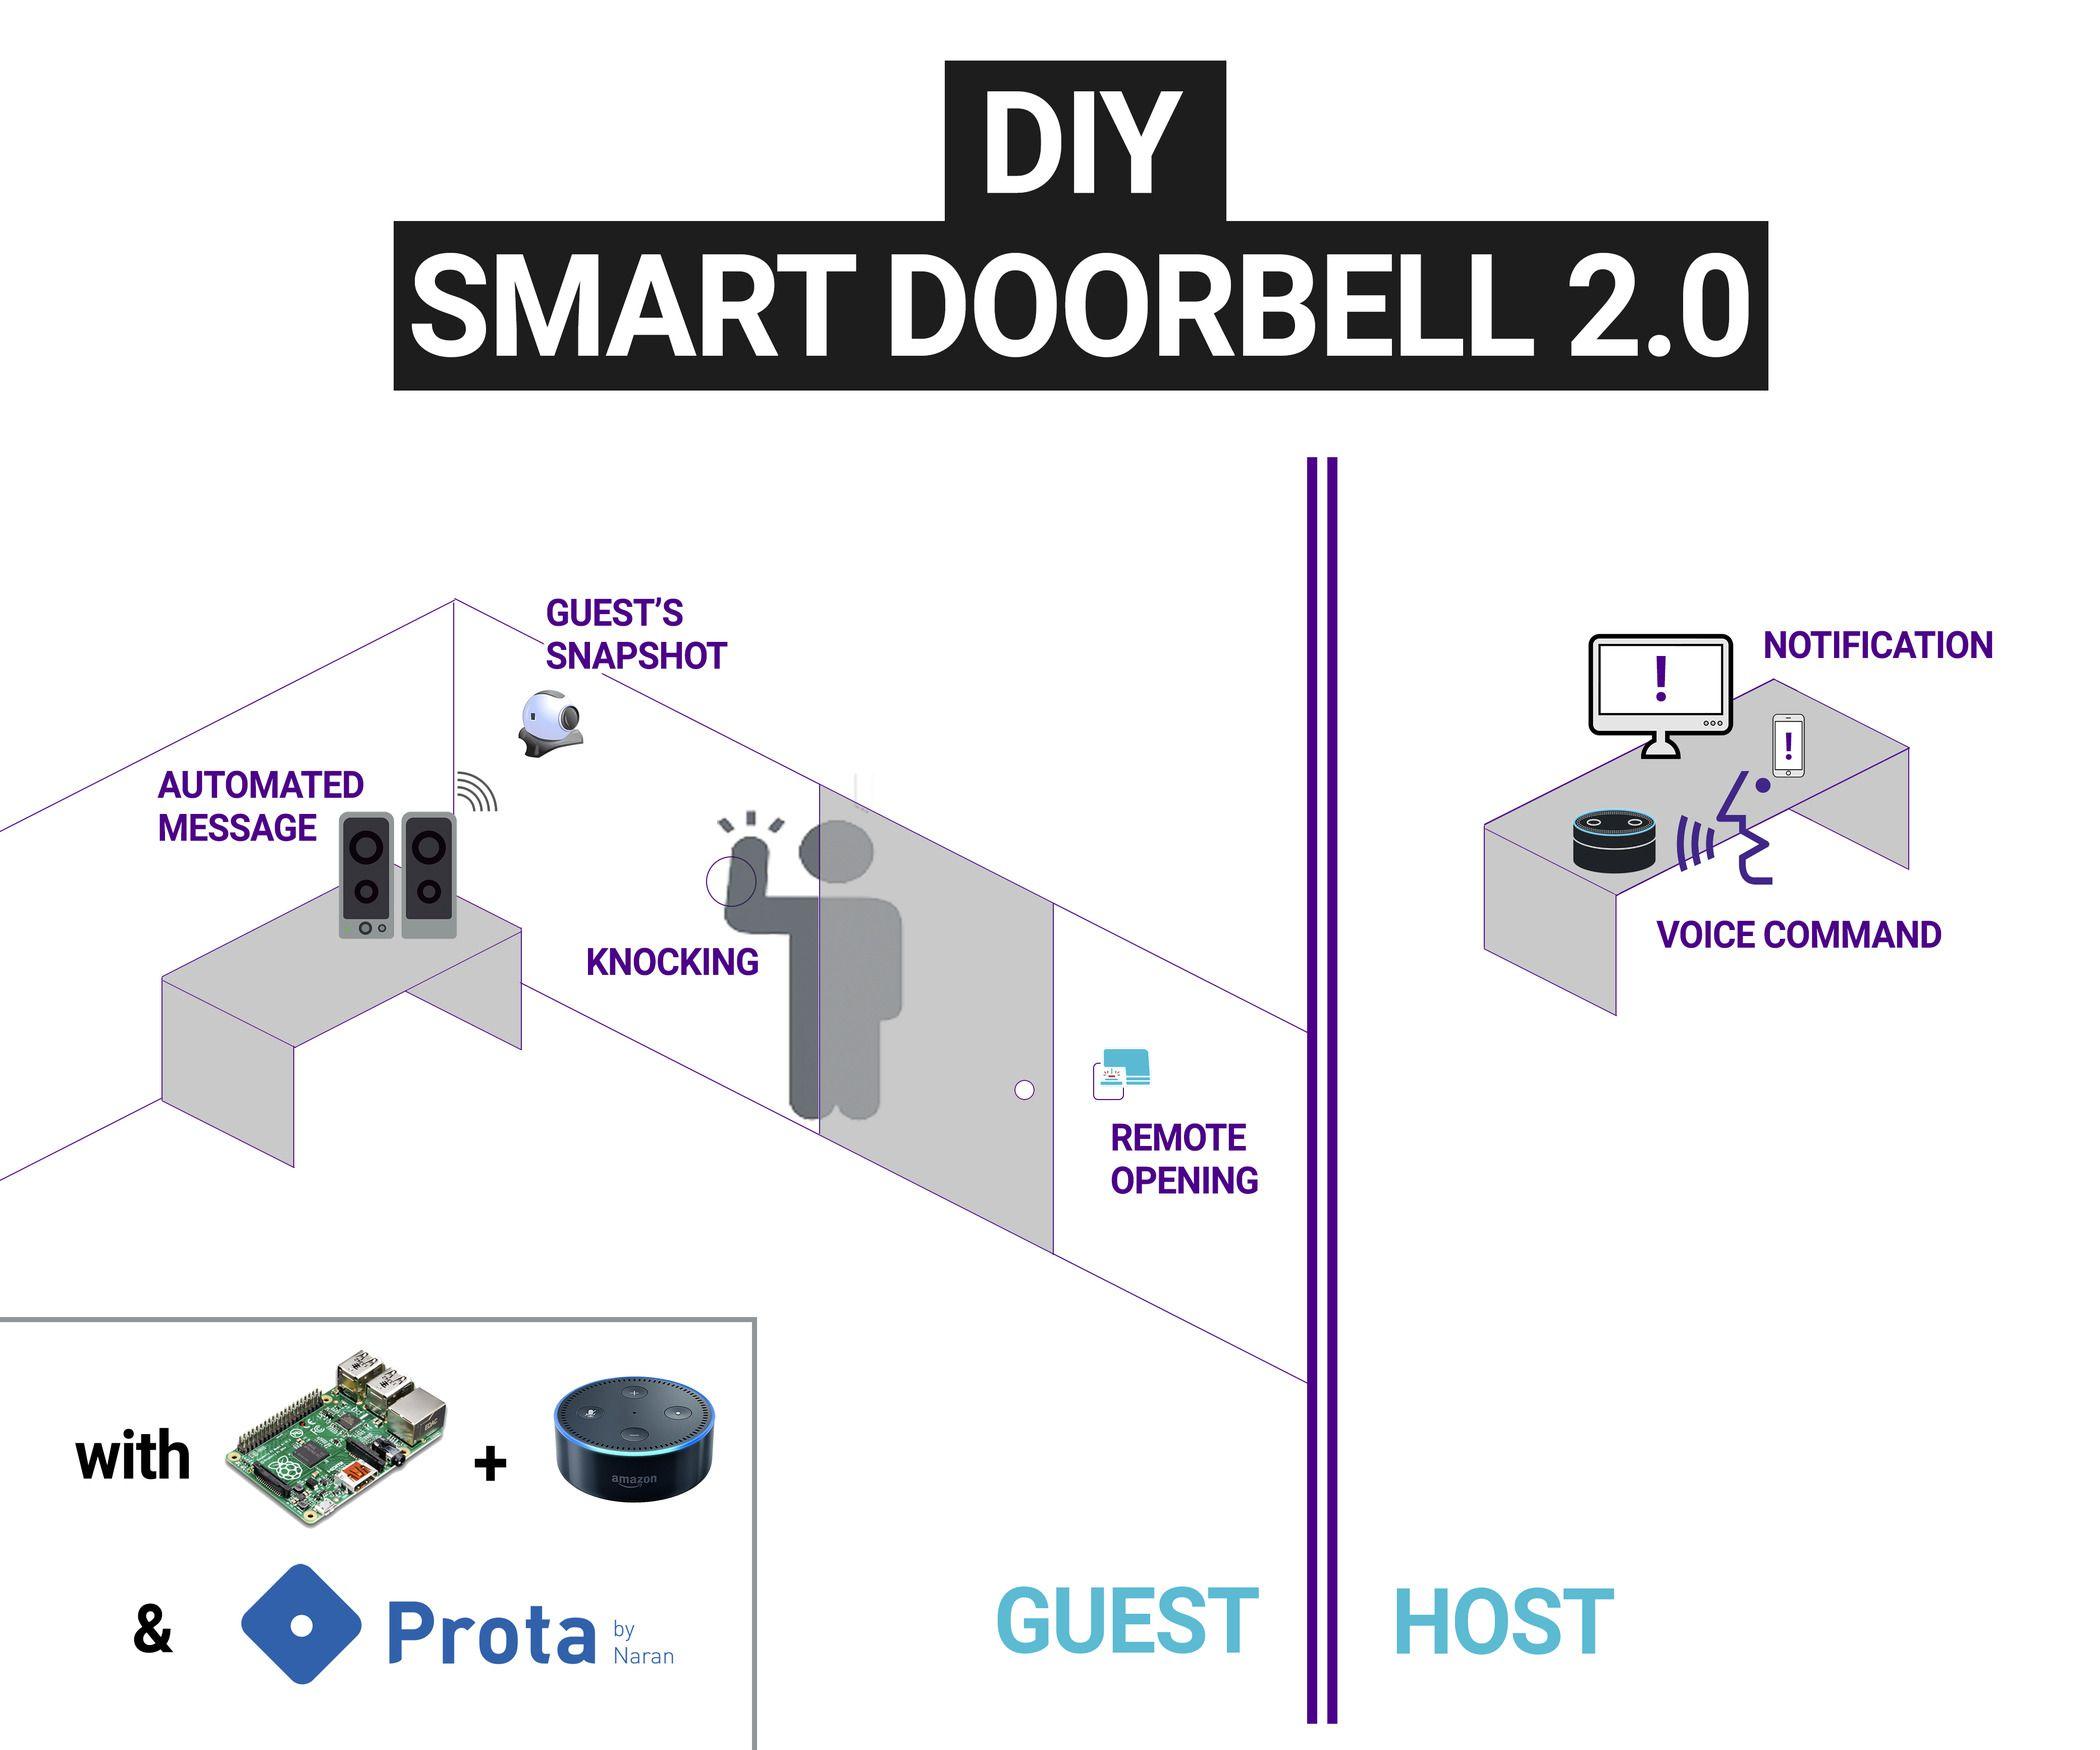 Diy Smart Home Doorbell 2 0 Works With Alexa Smart Home